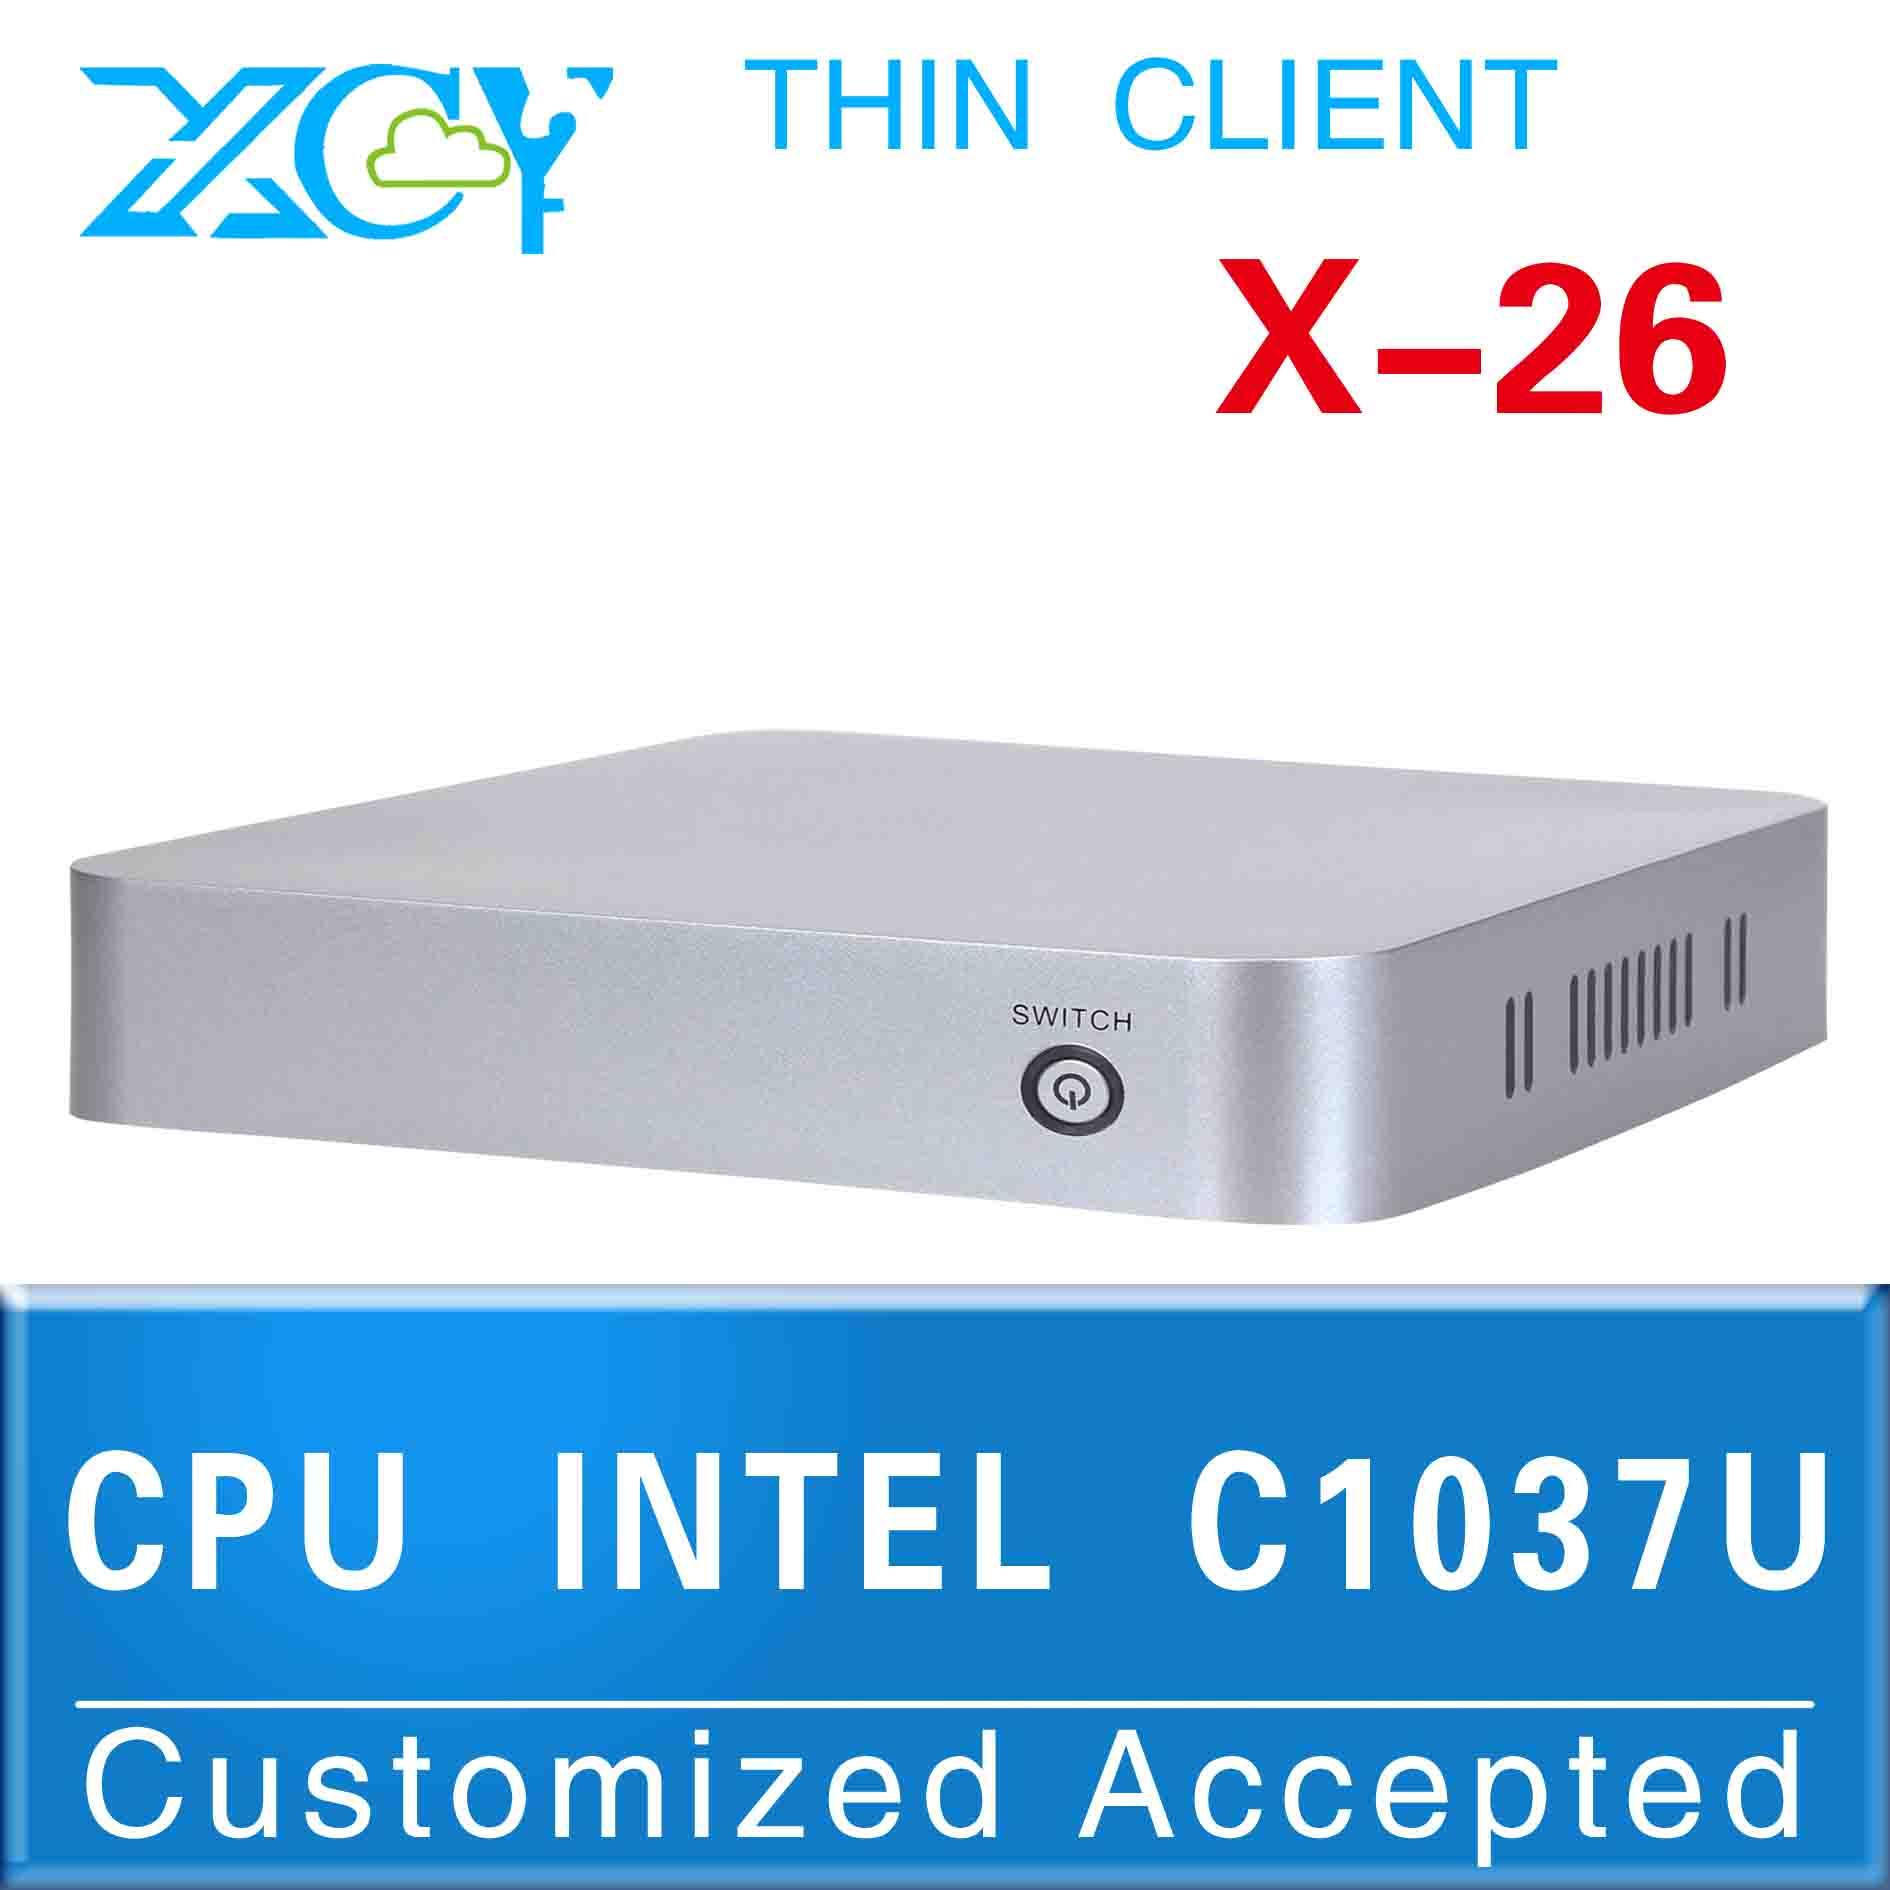 Haute performance c1037u 1.8 ghz xcy x-26 boîtier de l'ordinateur mini pc avec ventilateur support bluetooth audiointégré